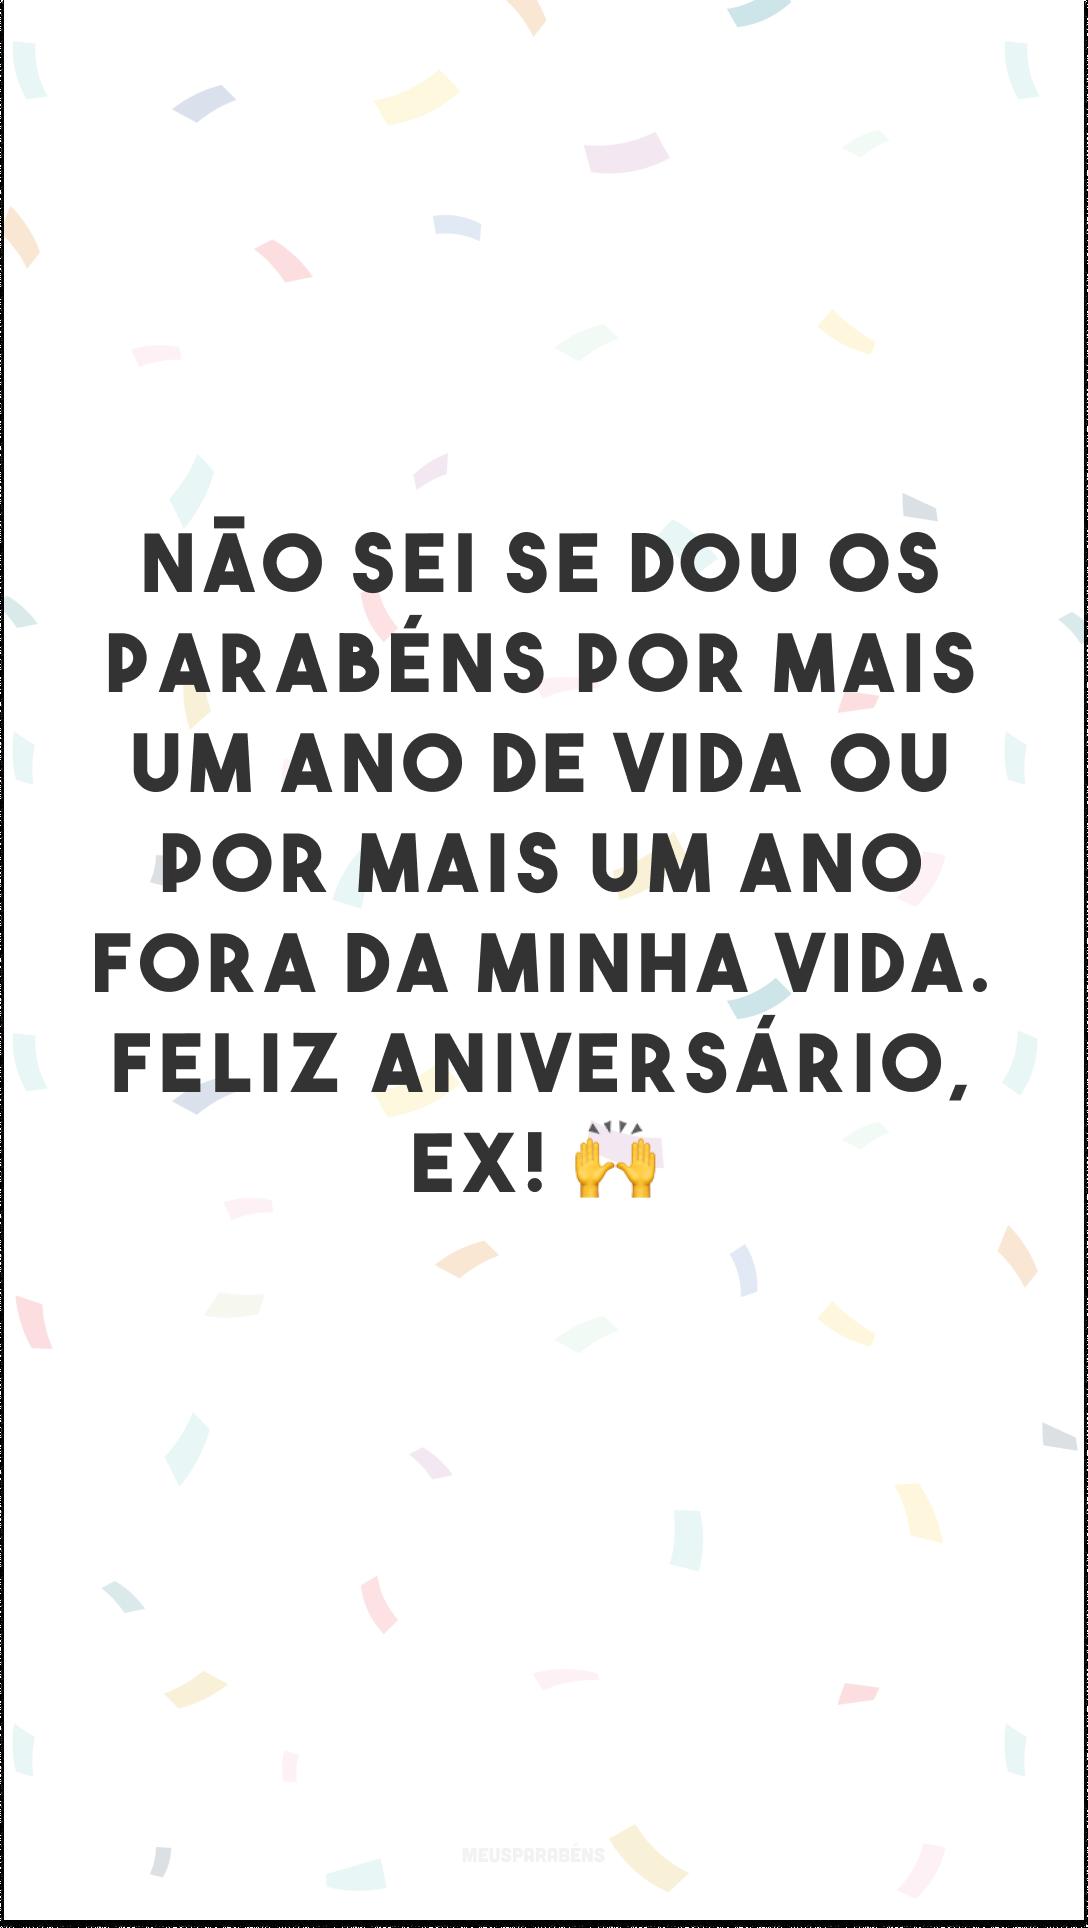 Não sei se dou os parabéns por mais um ano de vida ou por mais um ano fora da minha vida. Feliz aniversário, ex! 🙌